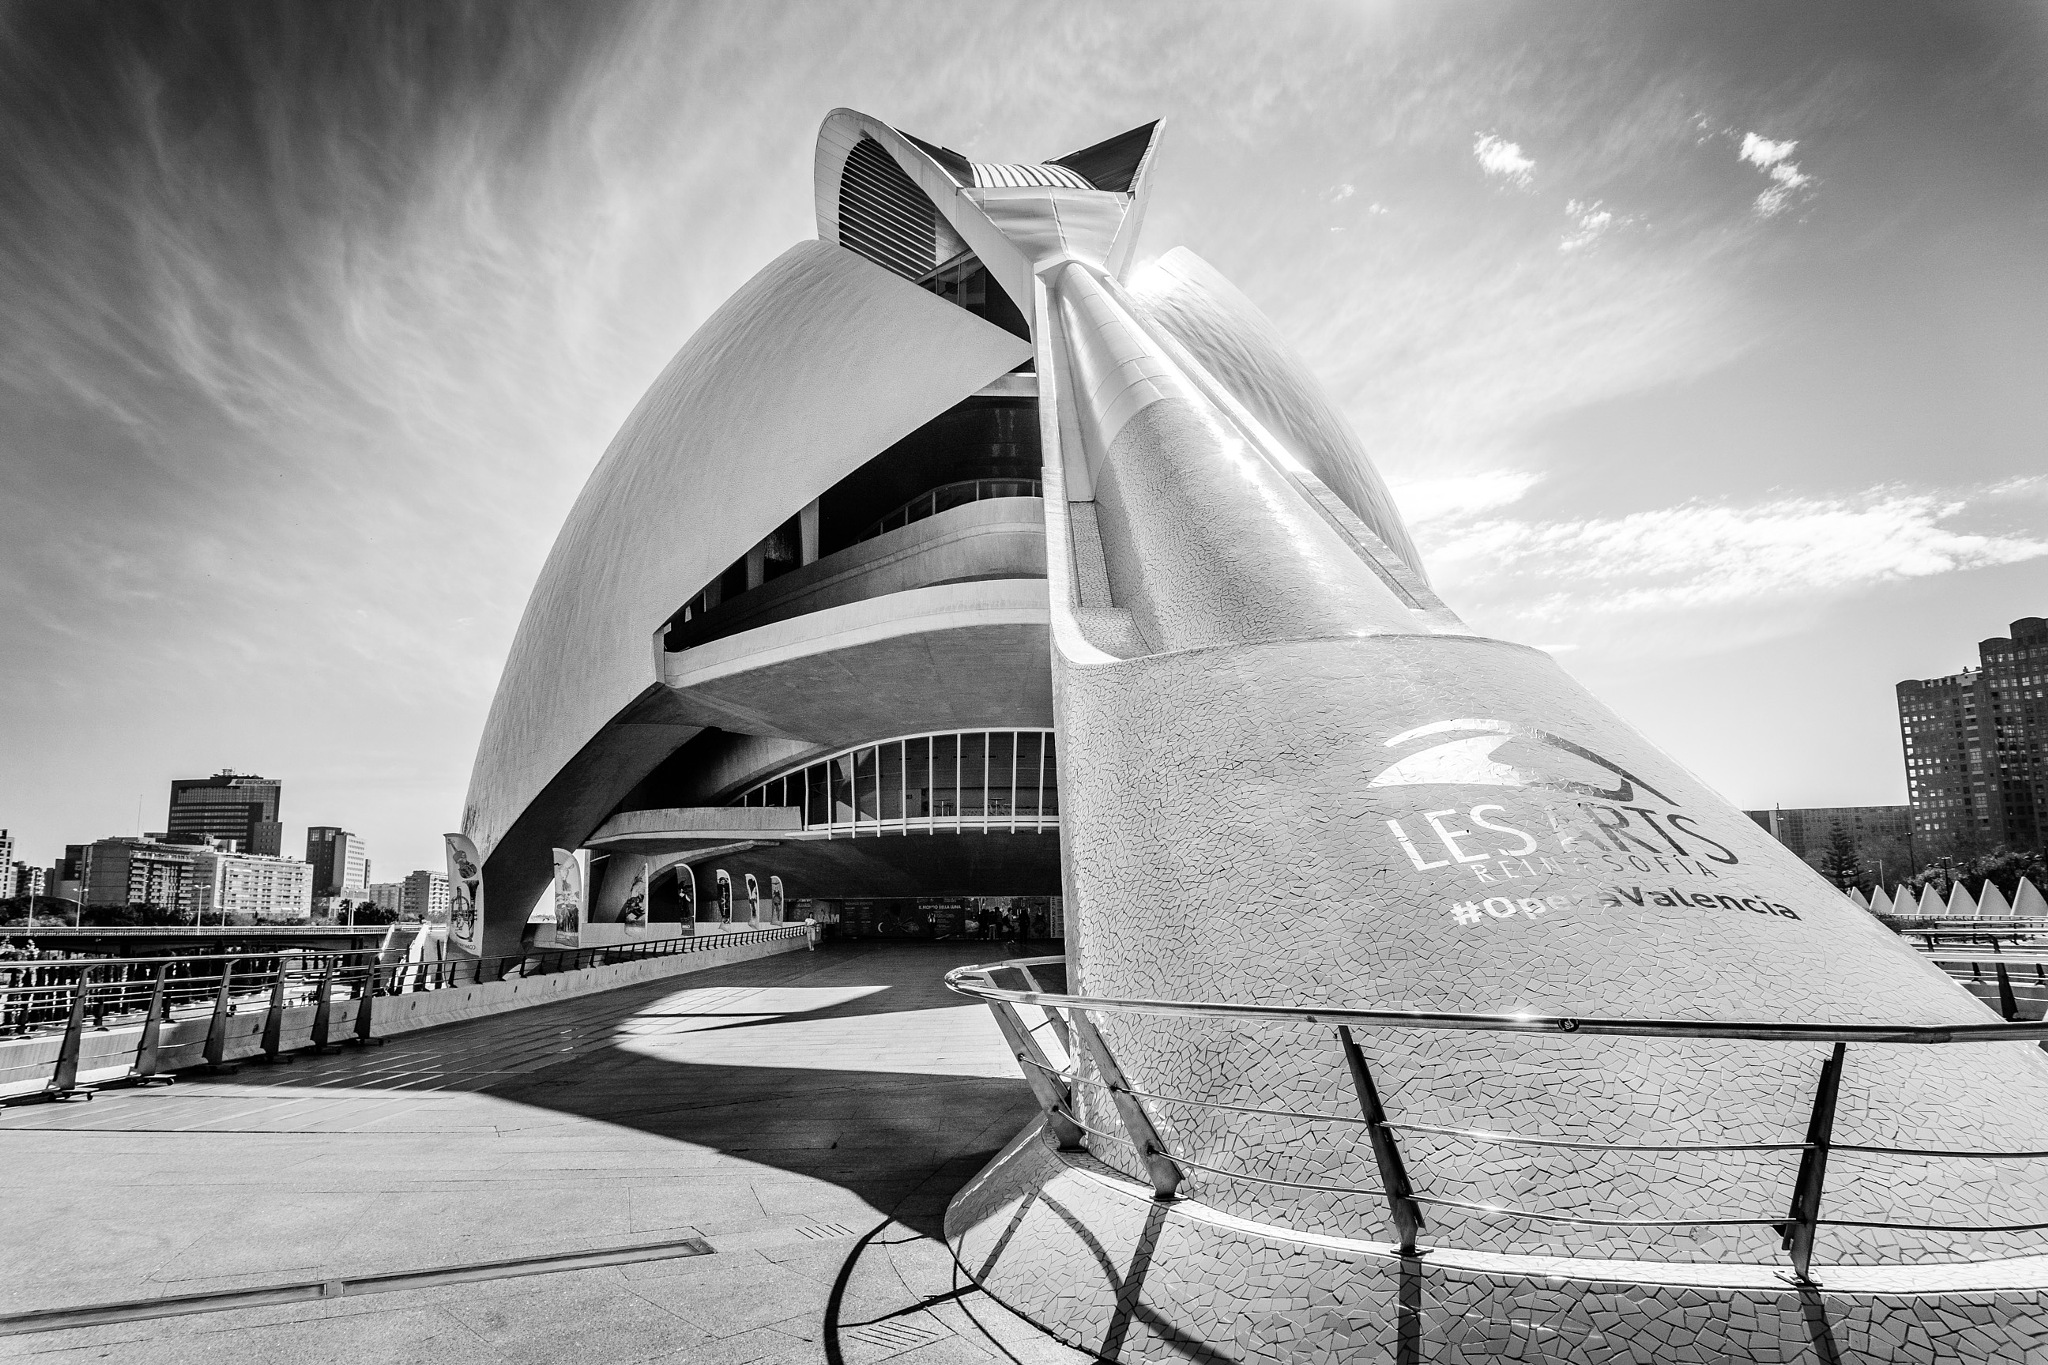 Palau De Les Arts Reina Sofia, Valencia. by Gary Gillette